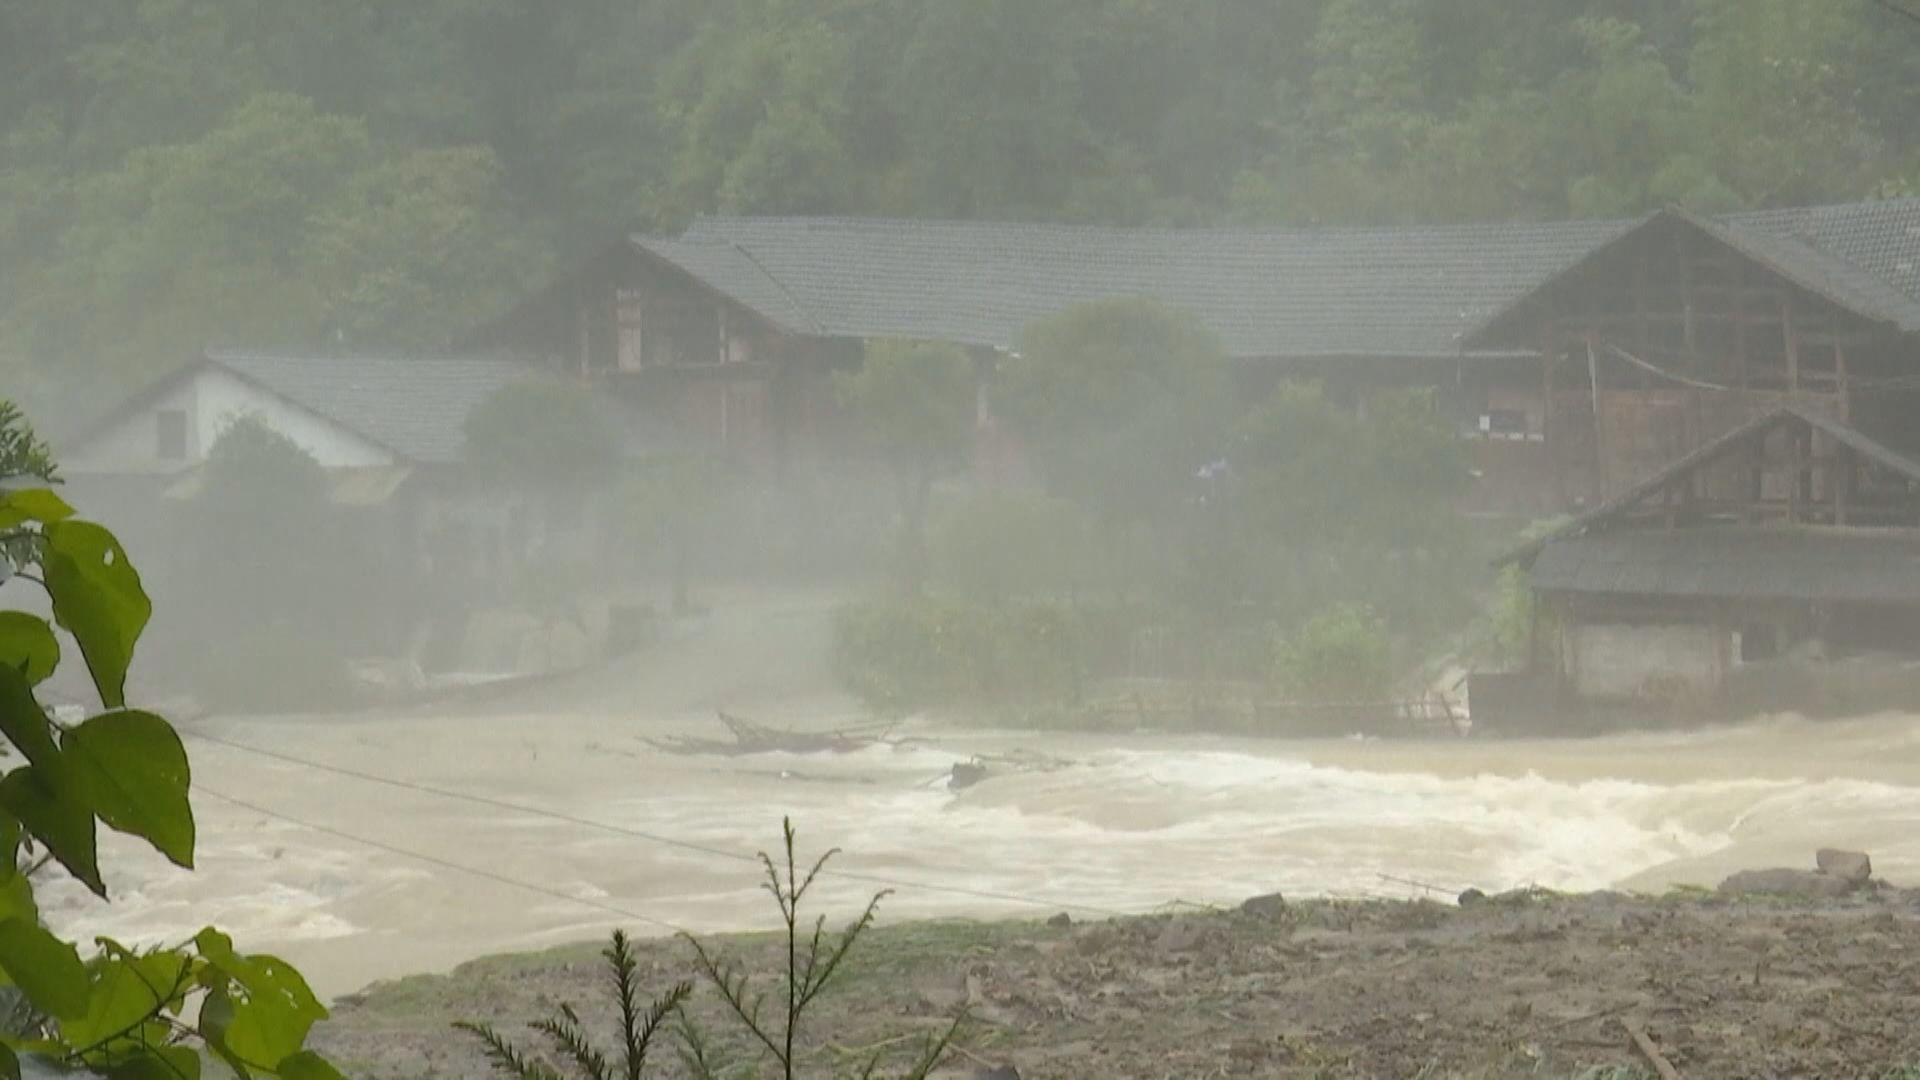 水利部:全國仍處於汛期局部地區或造成嚴重汛情